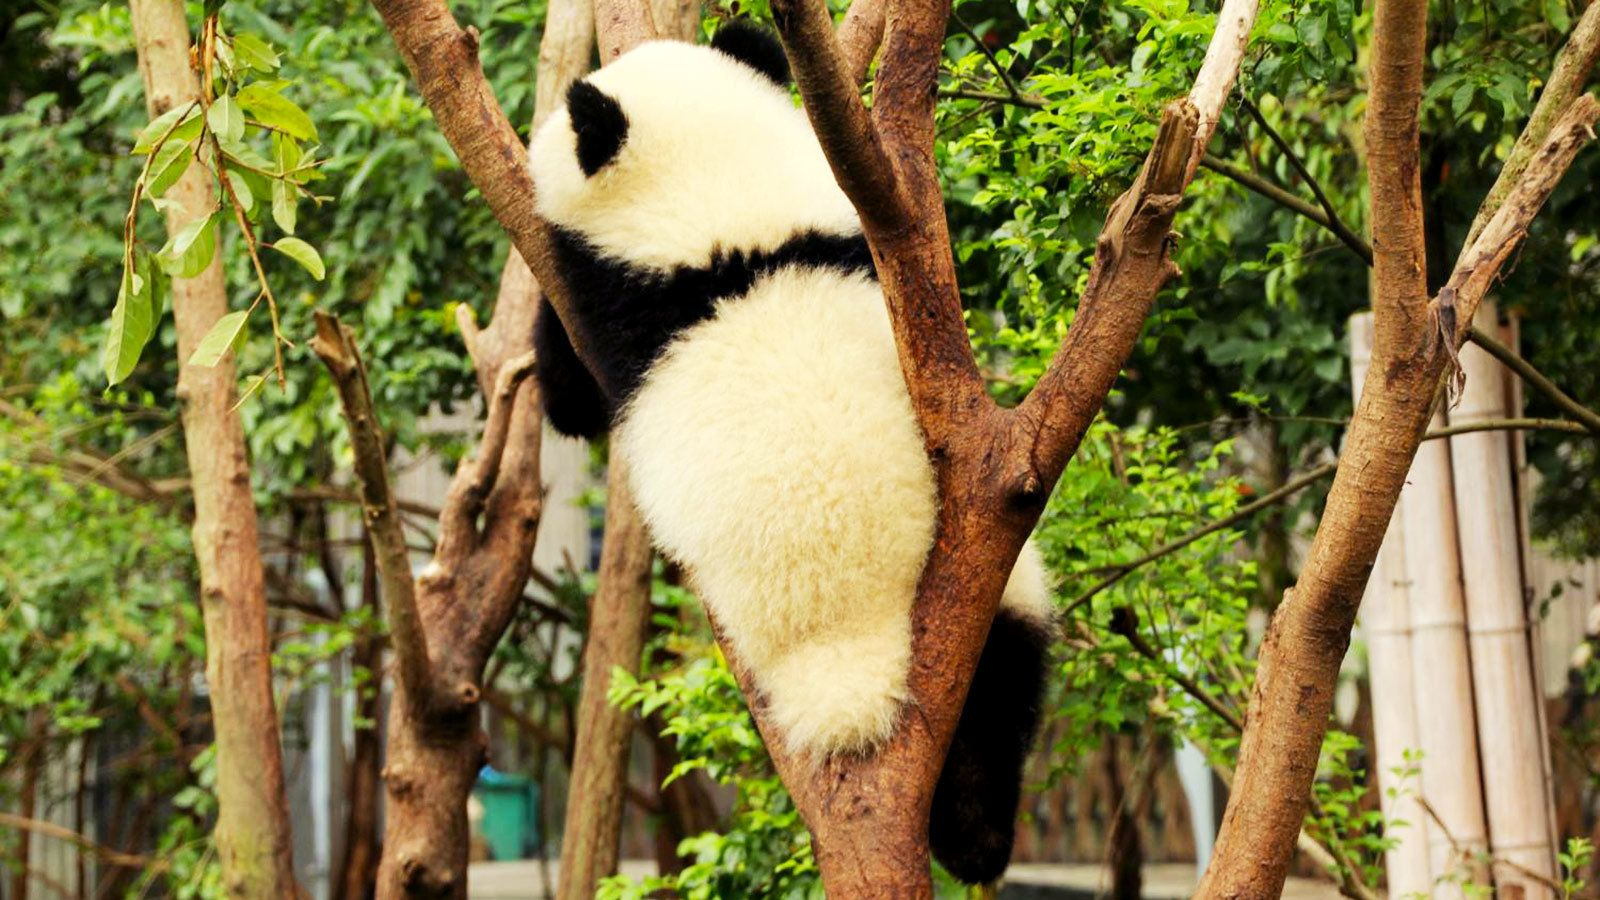 Panda climbing a tree in Chengdu